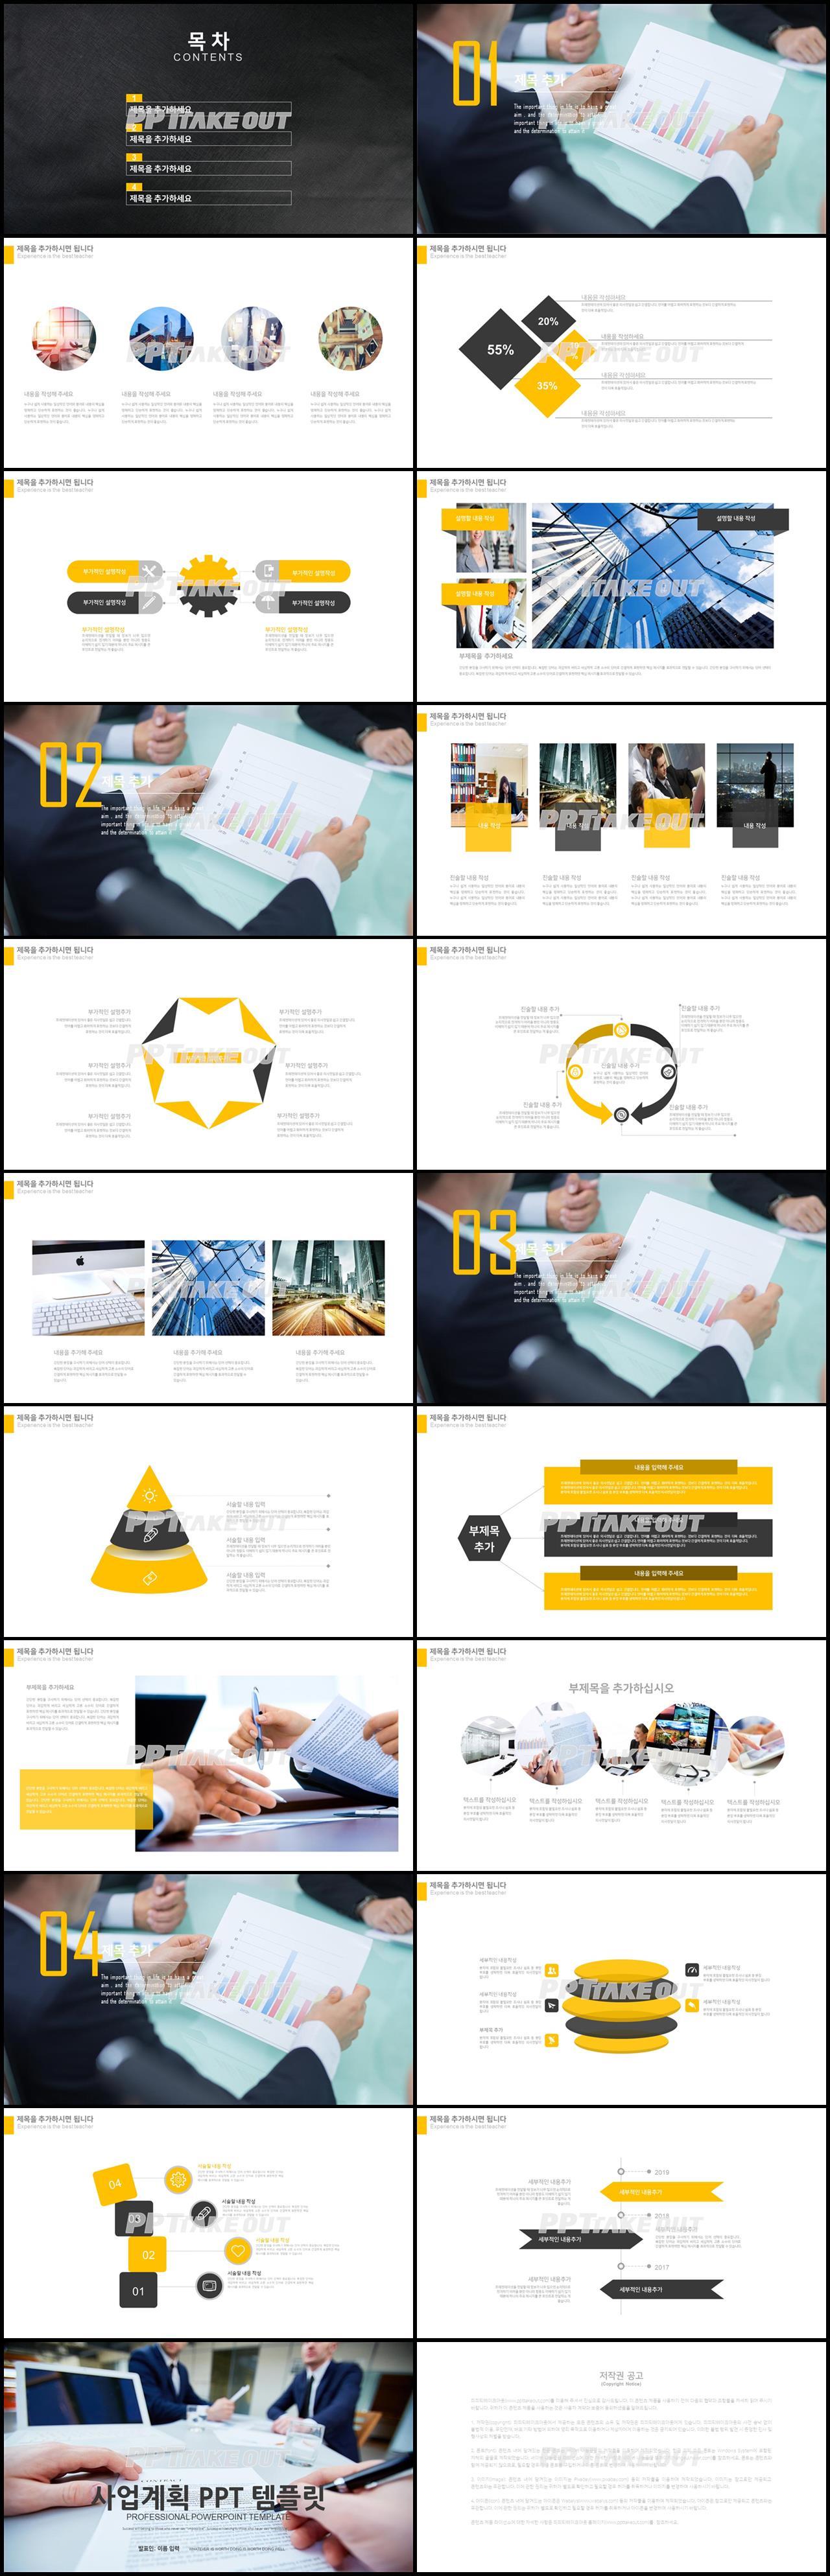 사업계획 검은색 폼나는 다양한 주제에 어울리는 POWERPOINT탬플릿 디자인 상세보기